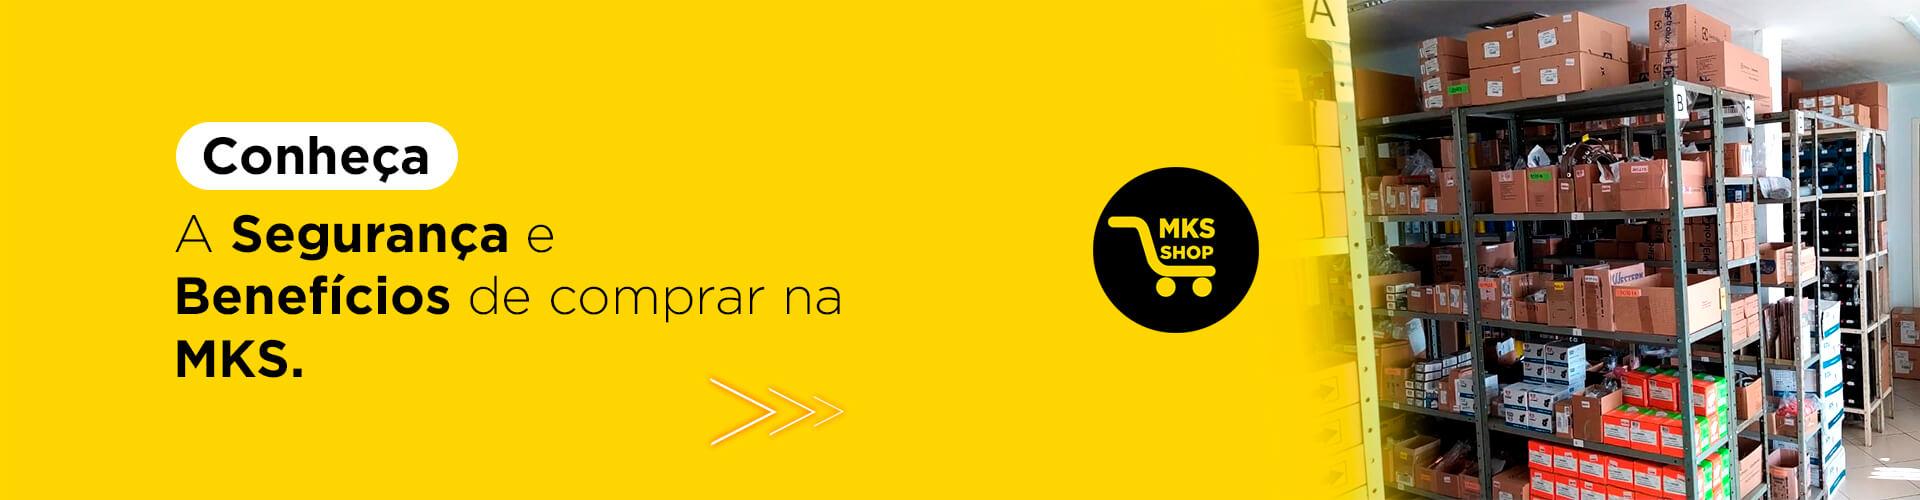 Conheça os benefícios da MKS shop